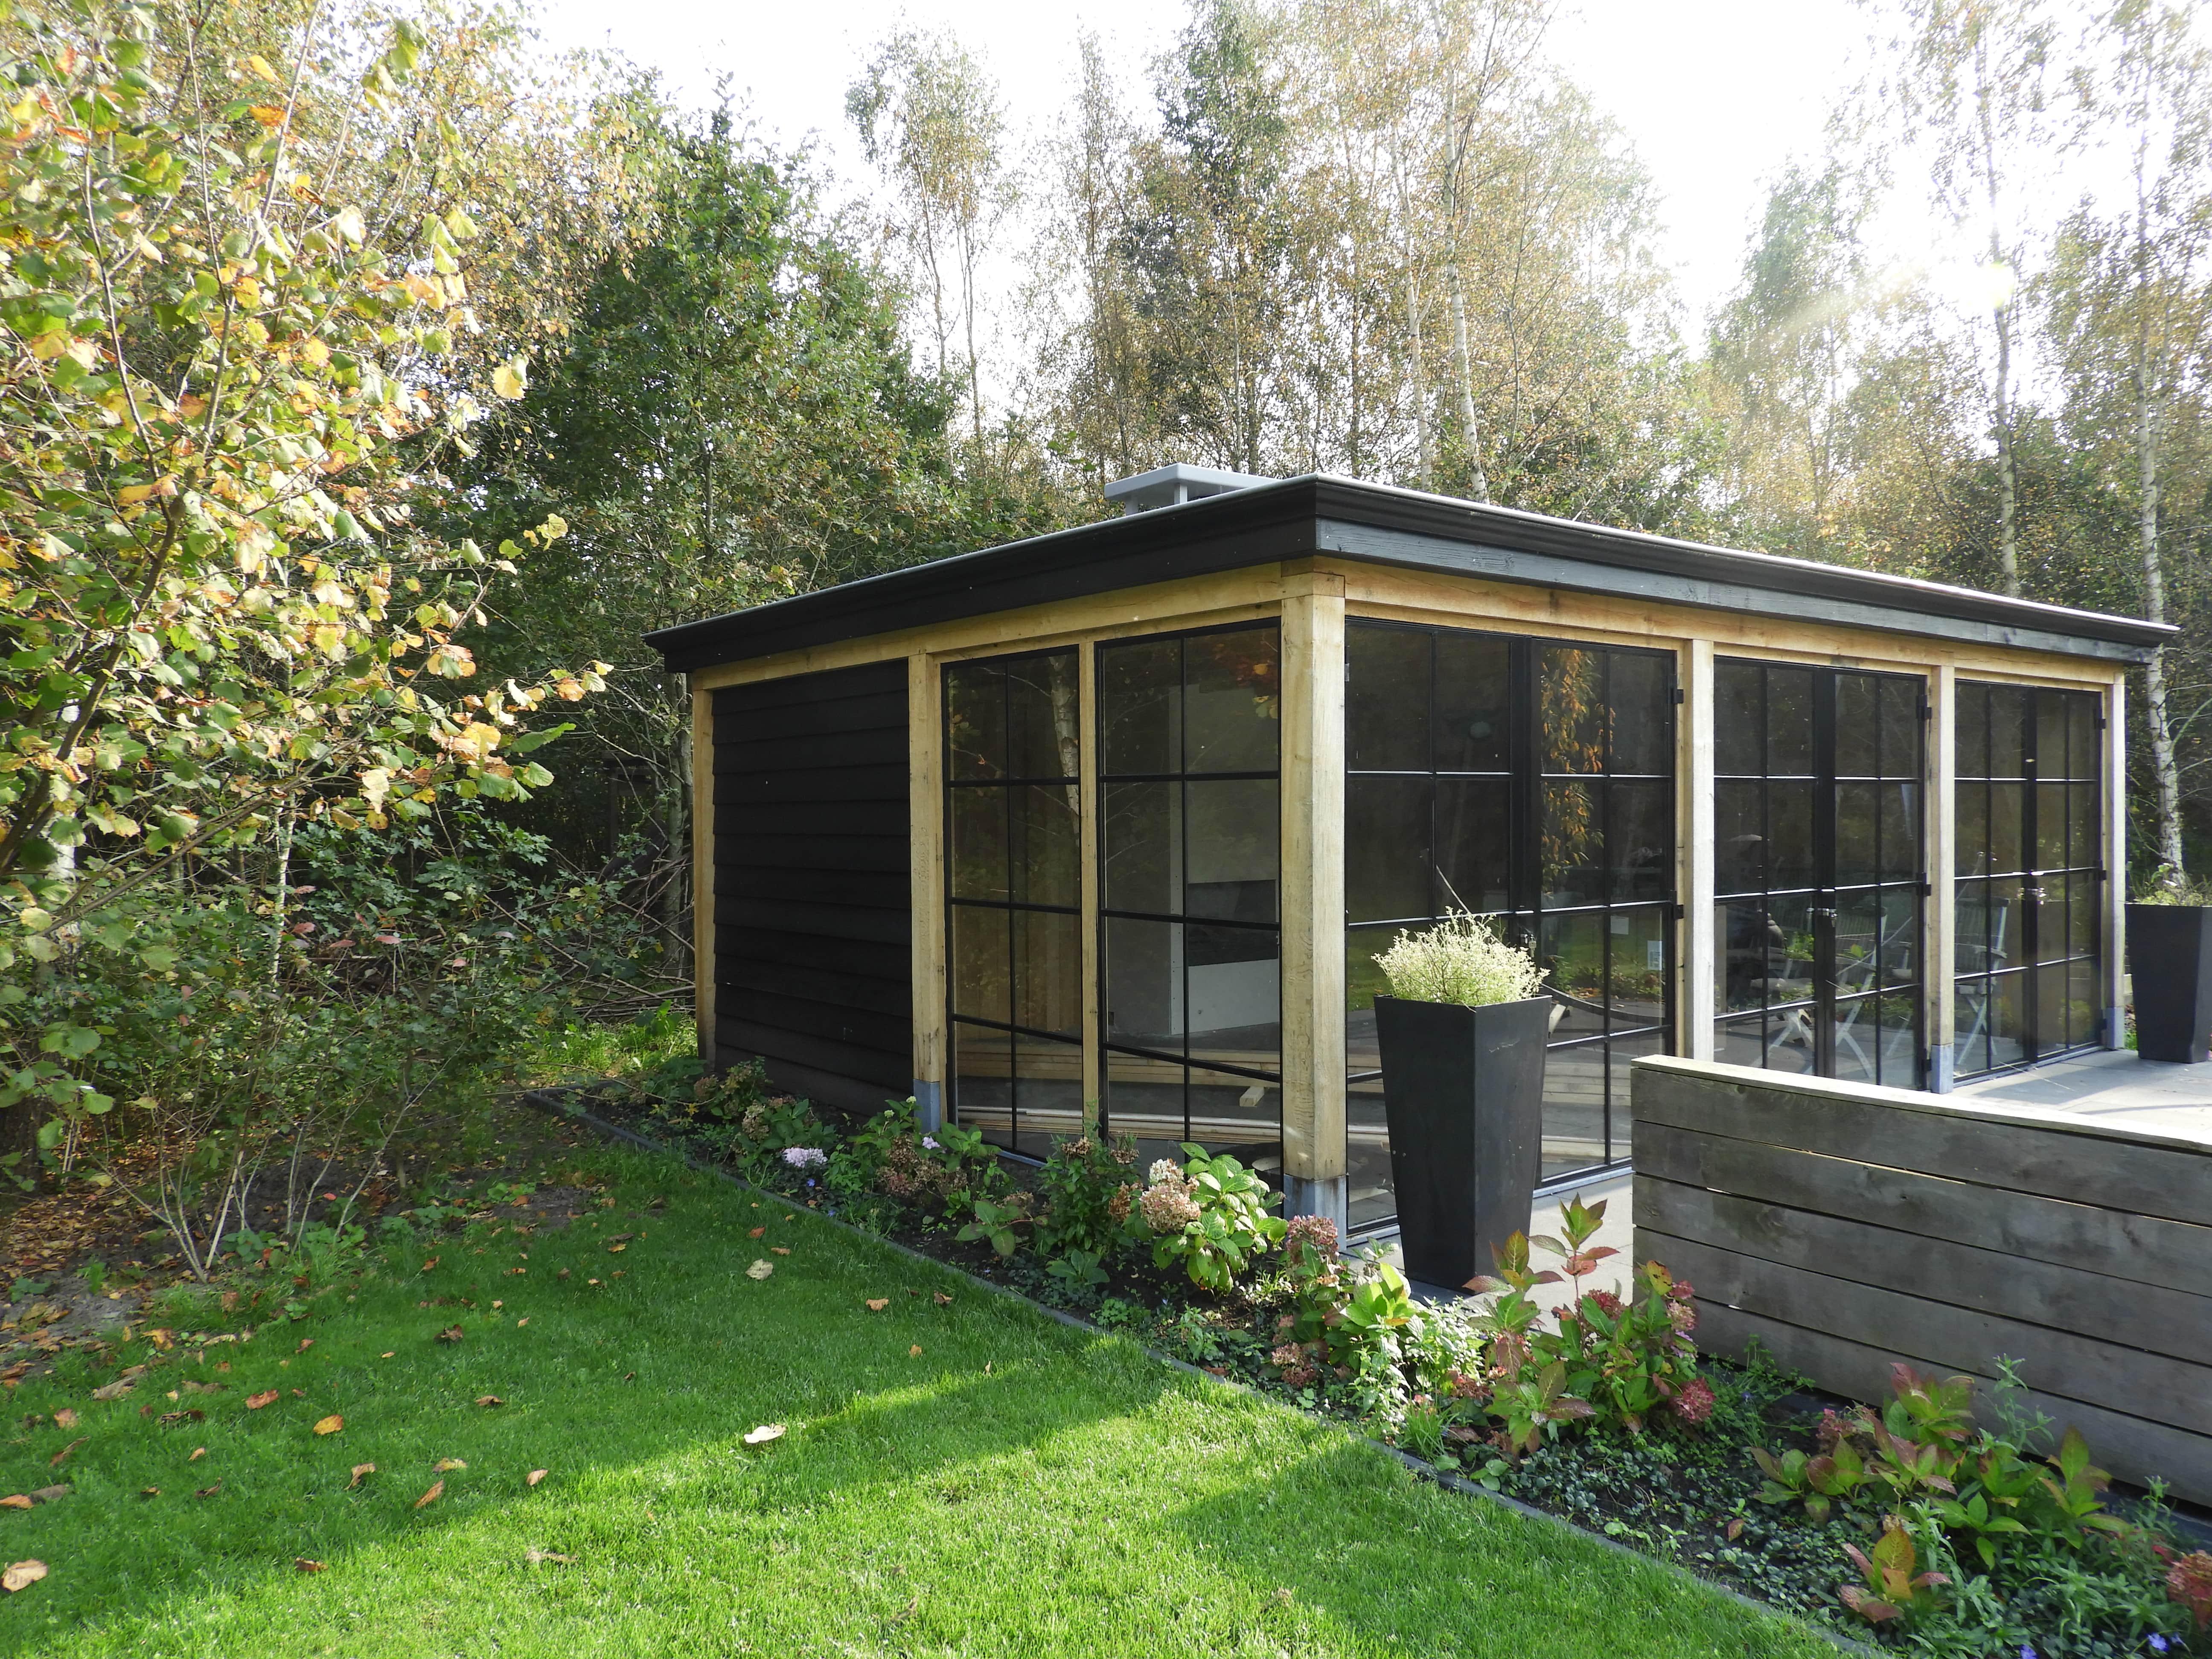 houten-tuinkamer-1 - Project Zwolle: Houten tuinkamer